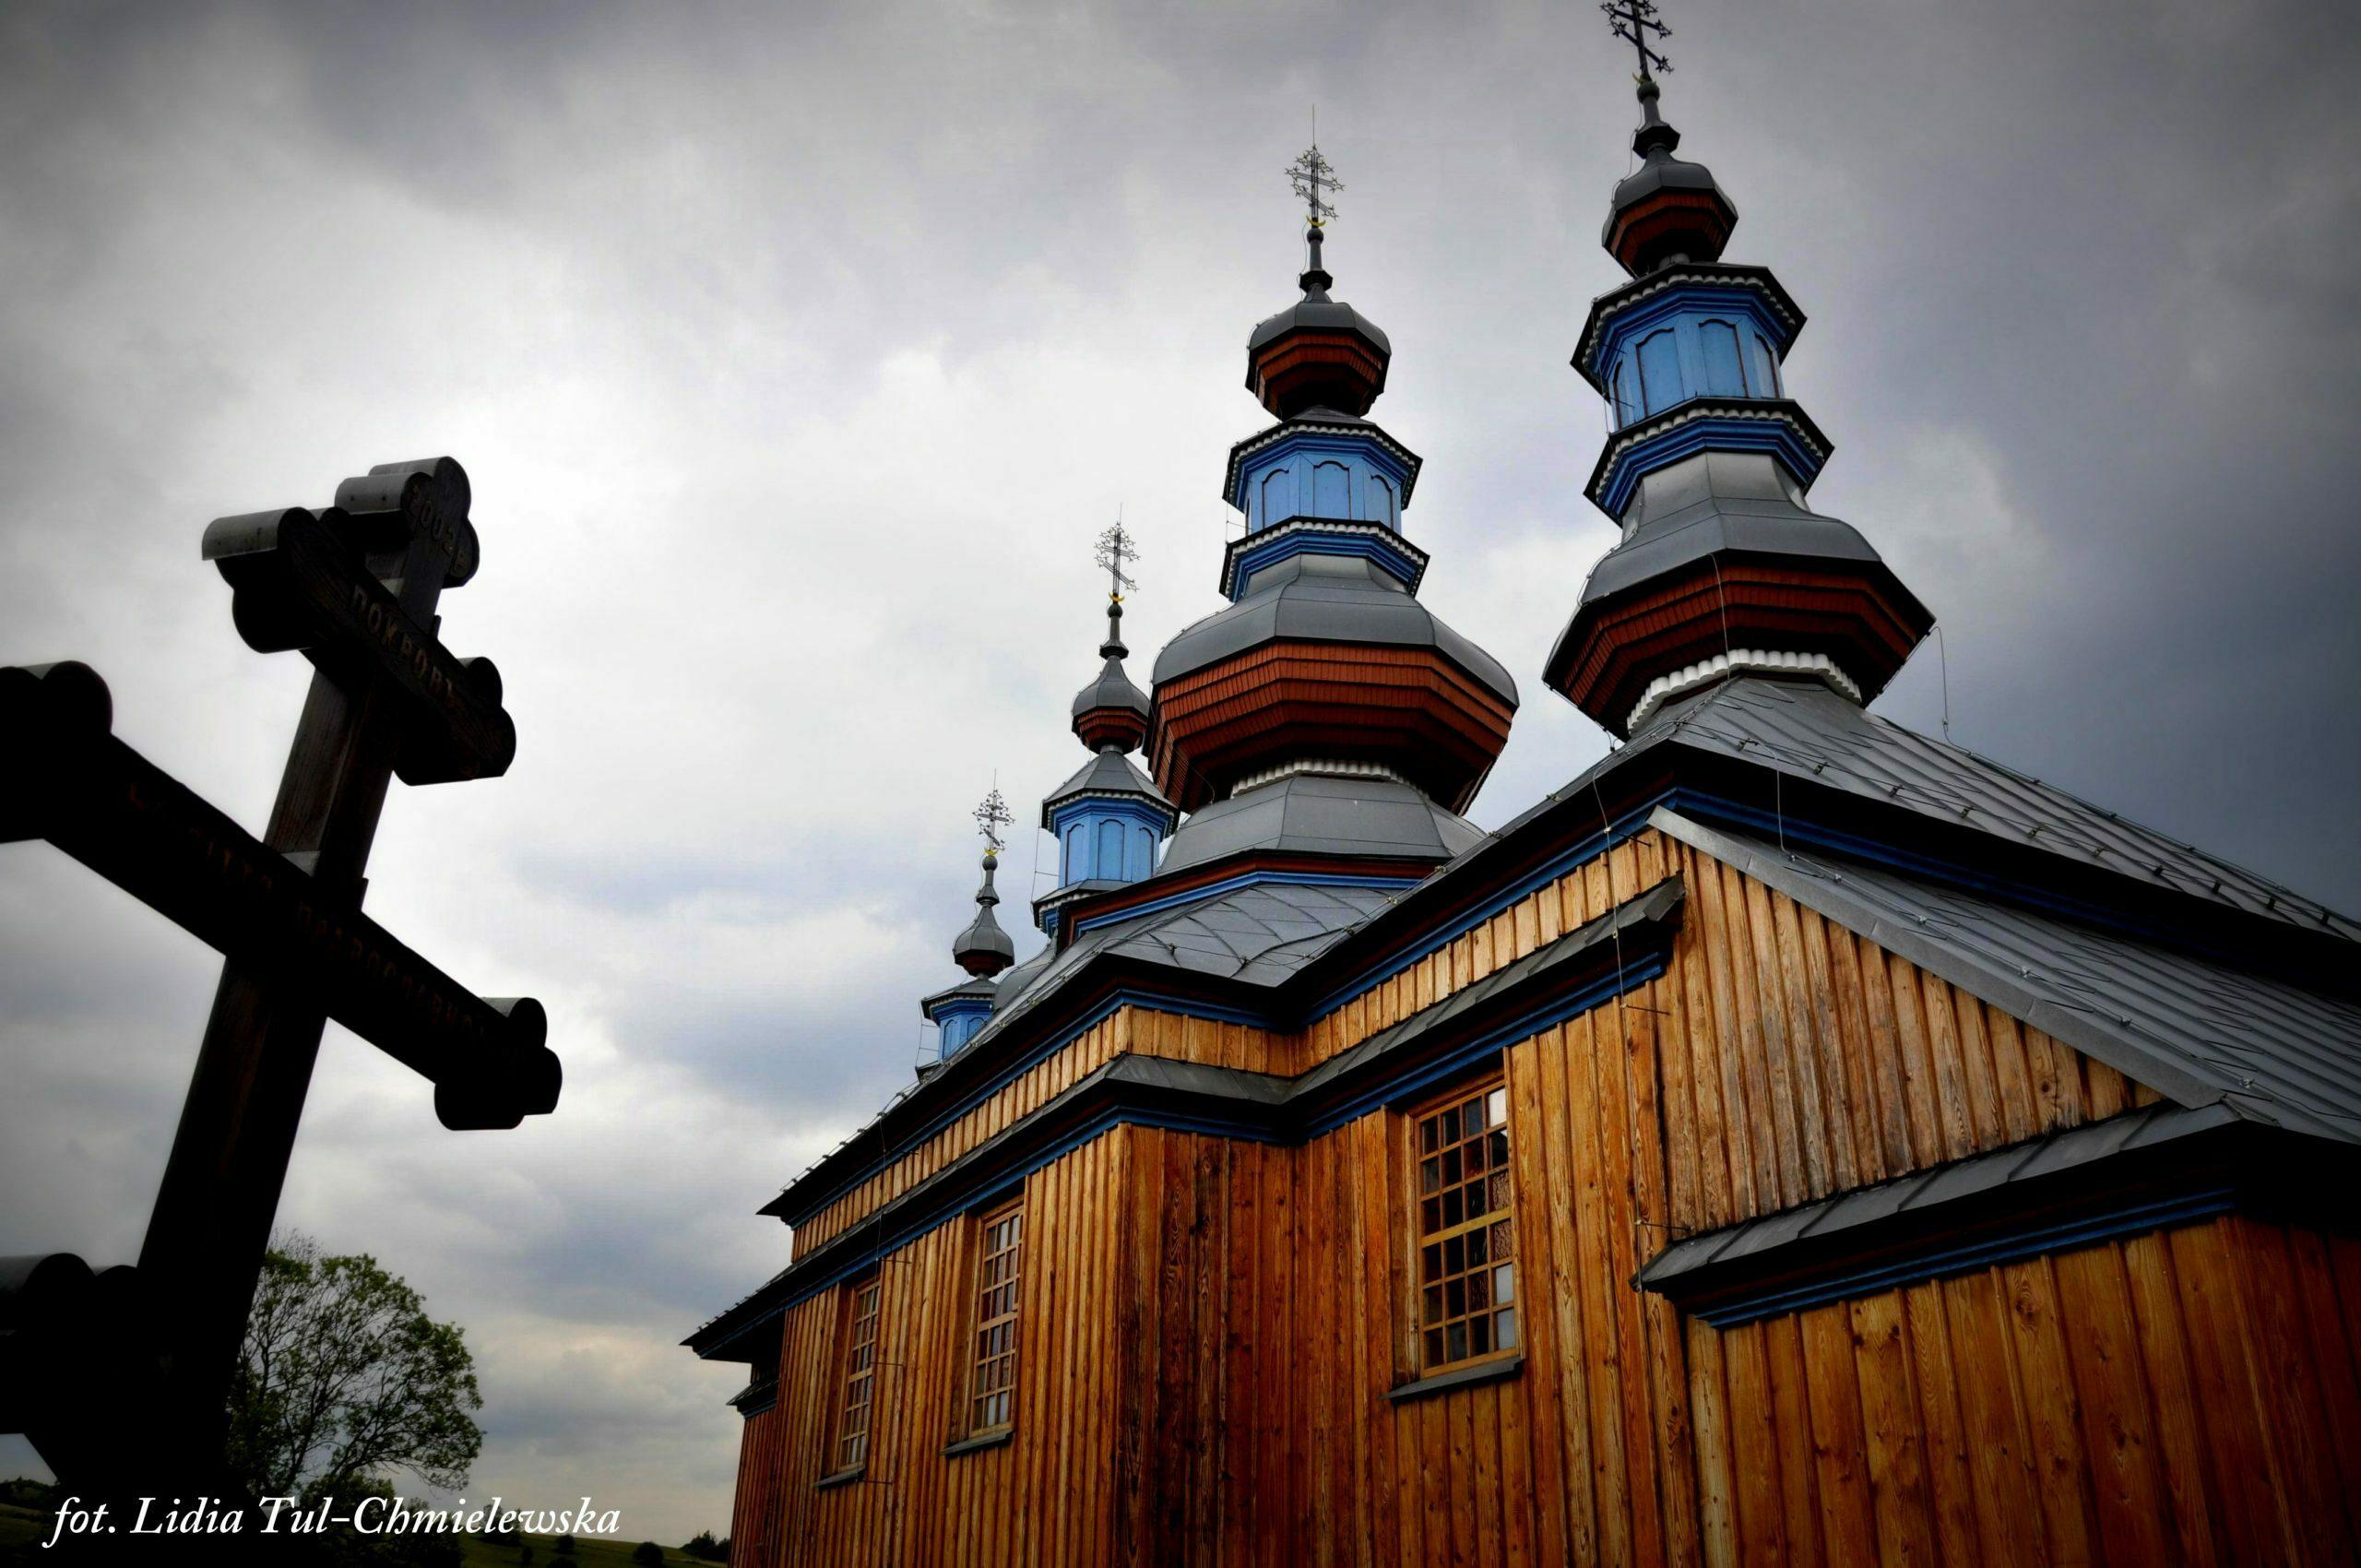 Cerkiew w Komańczy / fot. Lidia Tul-Chmielewska